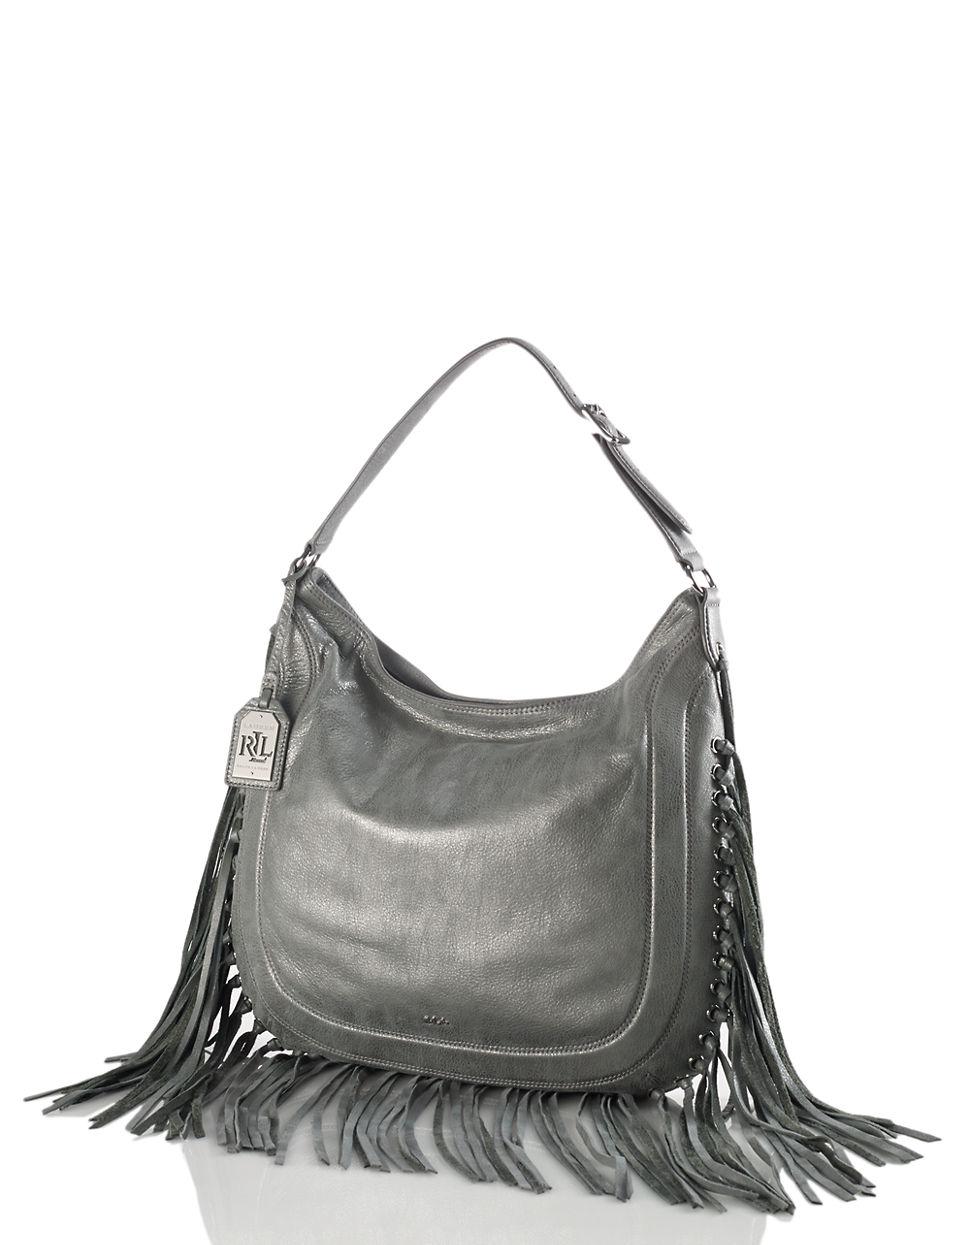 af810731344e Lyst - Lauren By Ralph Lauren Fleetwood Leather Hobo Bag in Gray